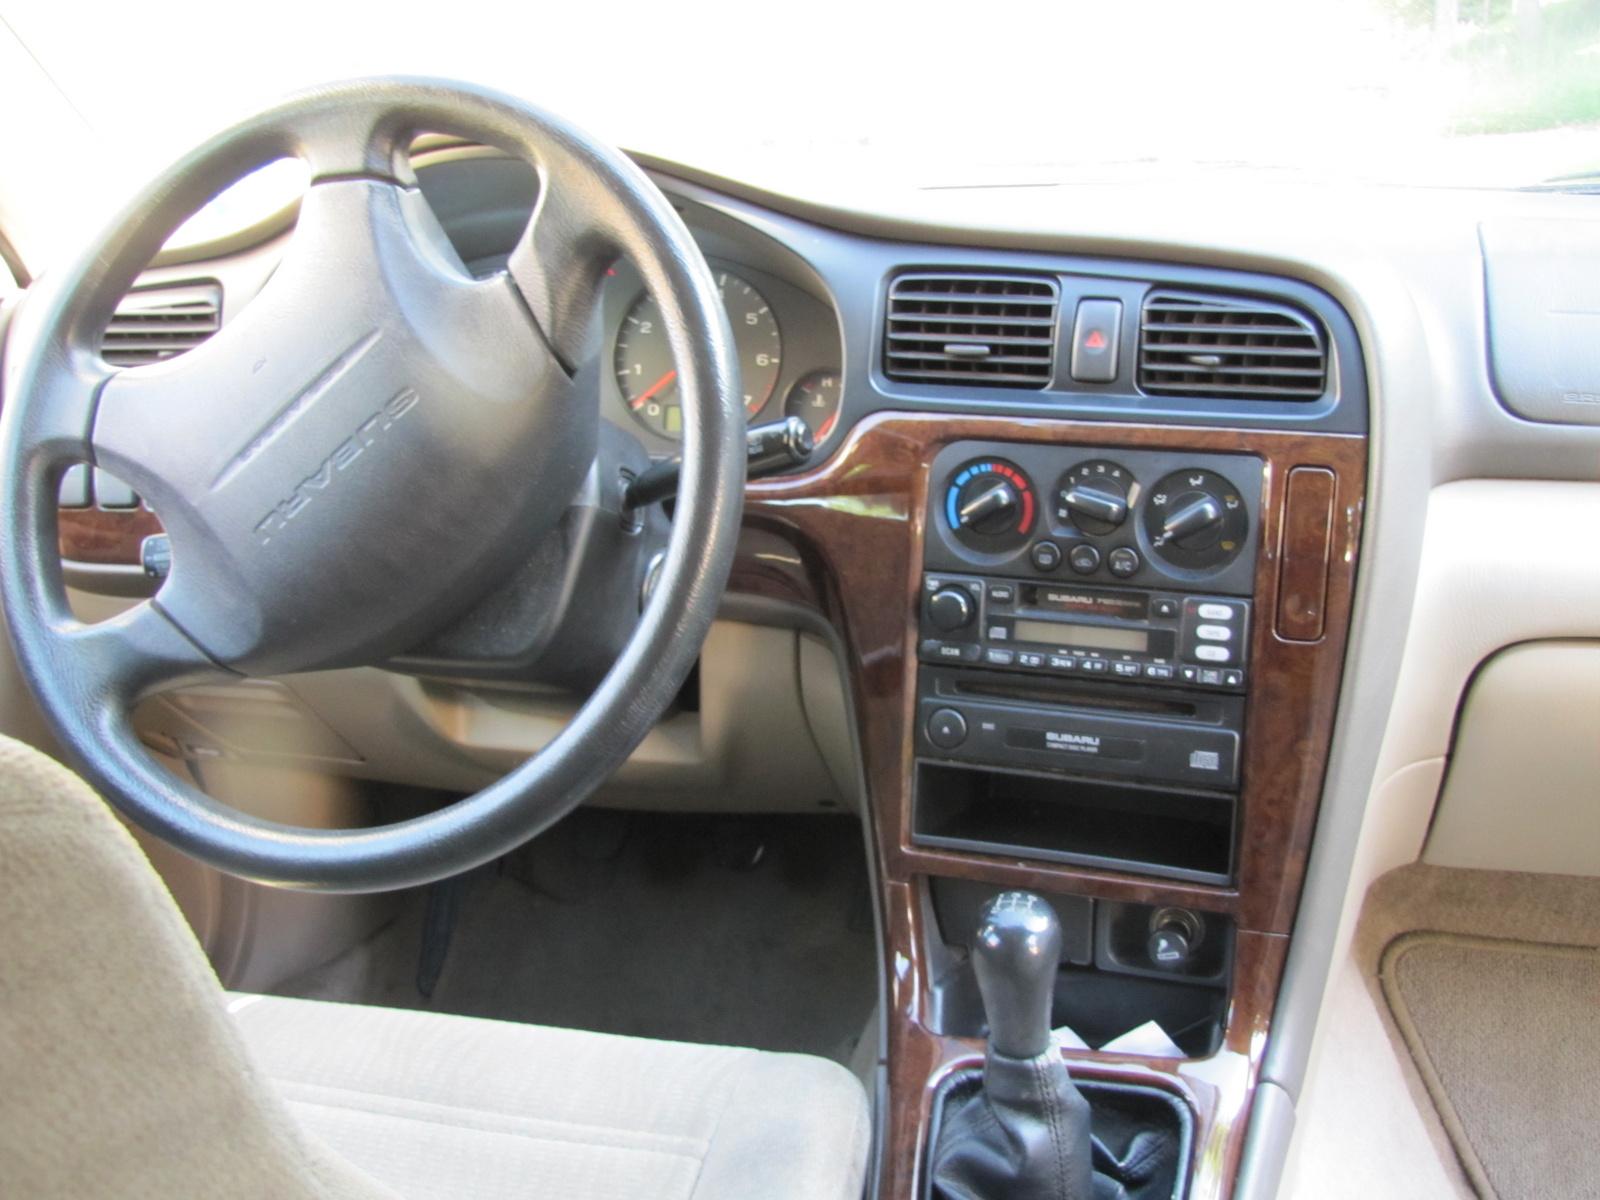 2001 Subaru Outback Pictures Cargurus